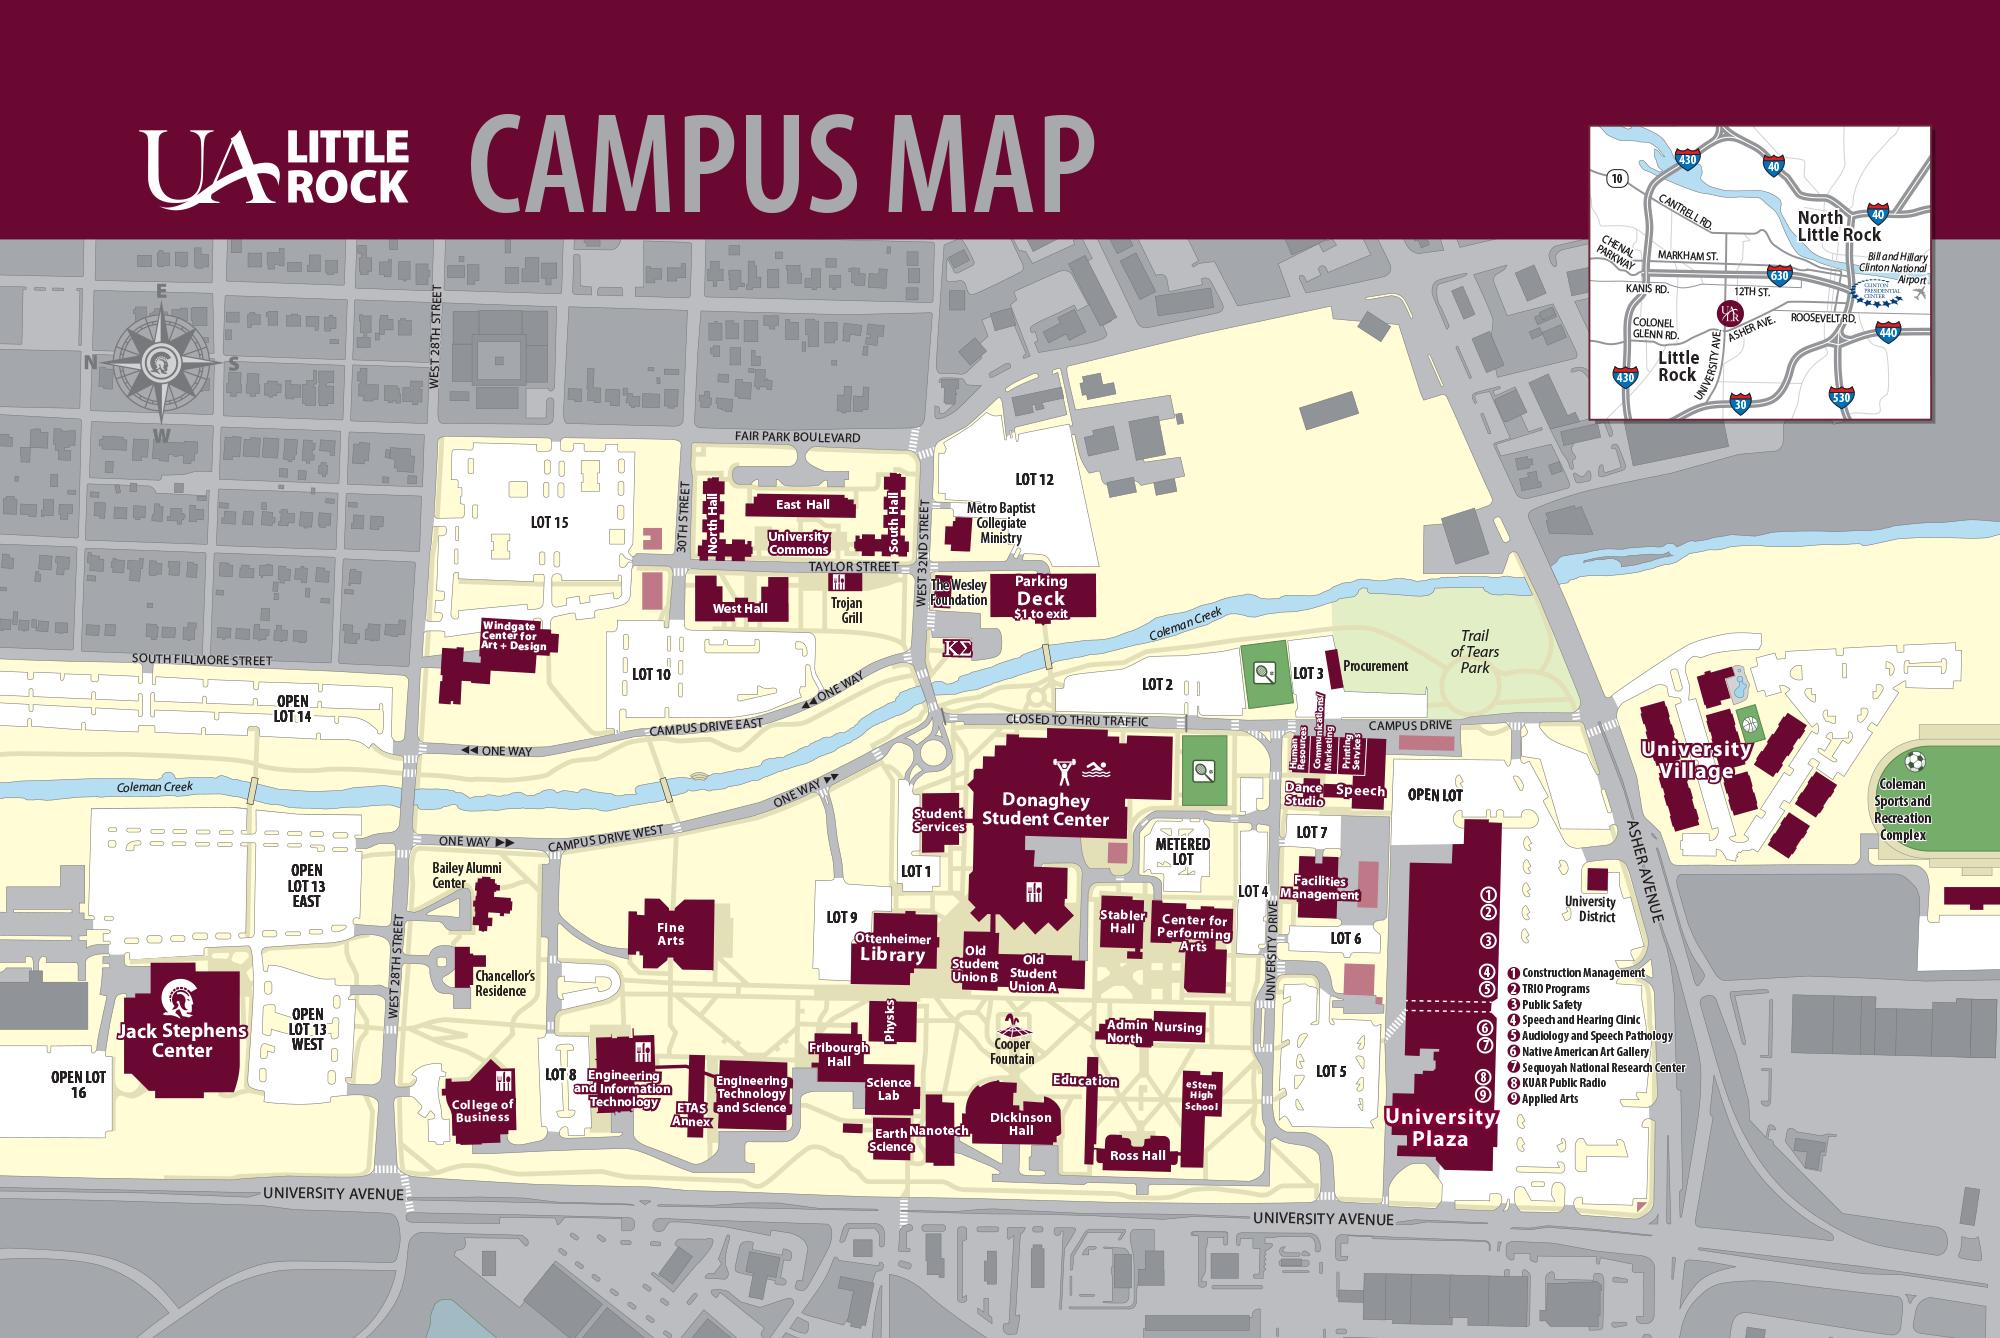 Ualr Campus Map Ualr Campus Map | States Maps